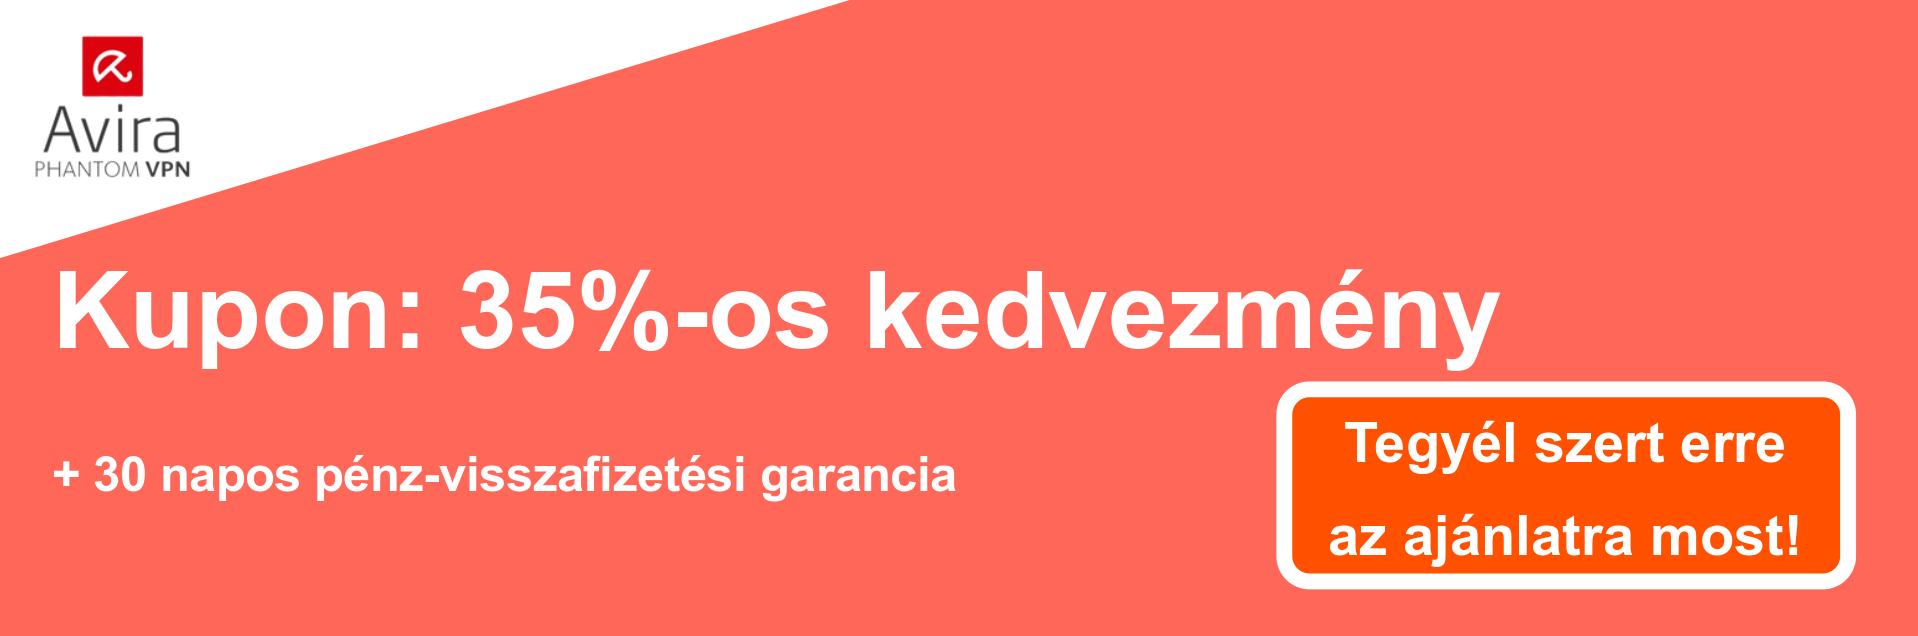 AviraVPN szelvény banner - 35% kedvezmény